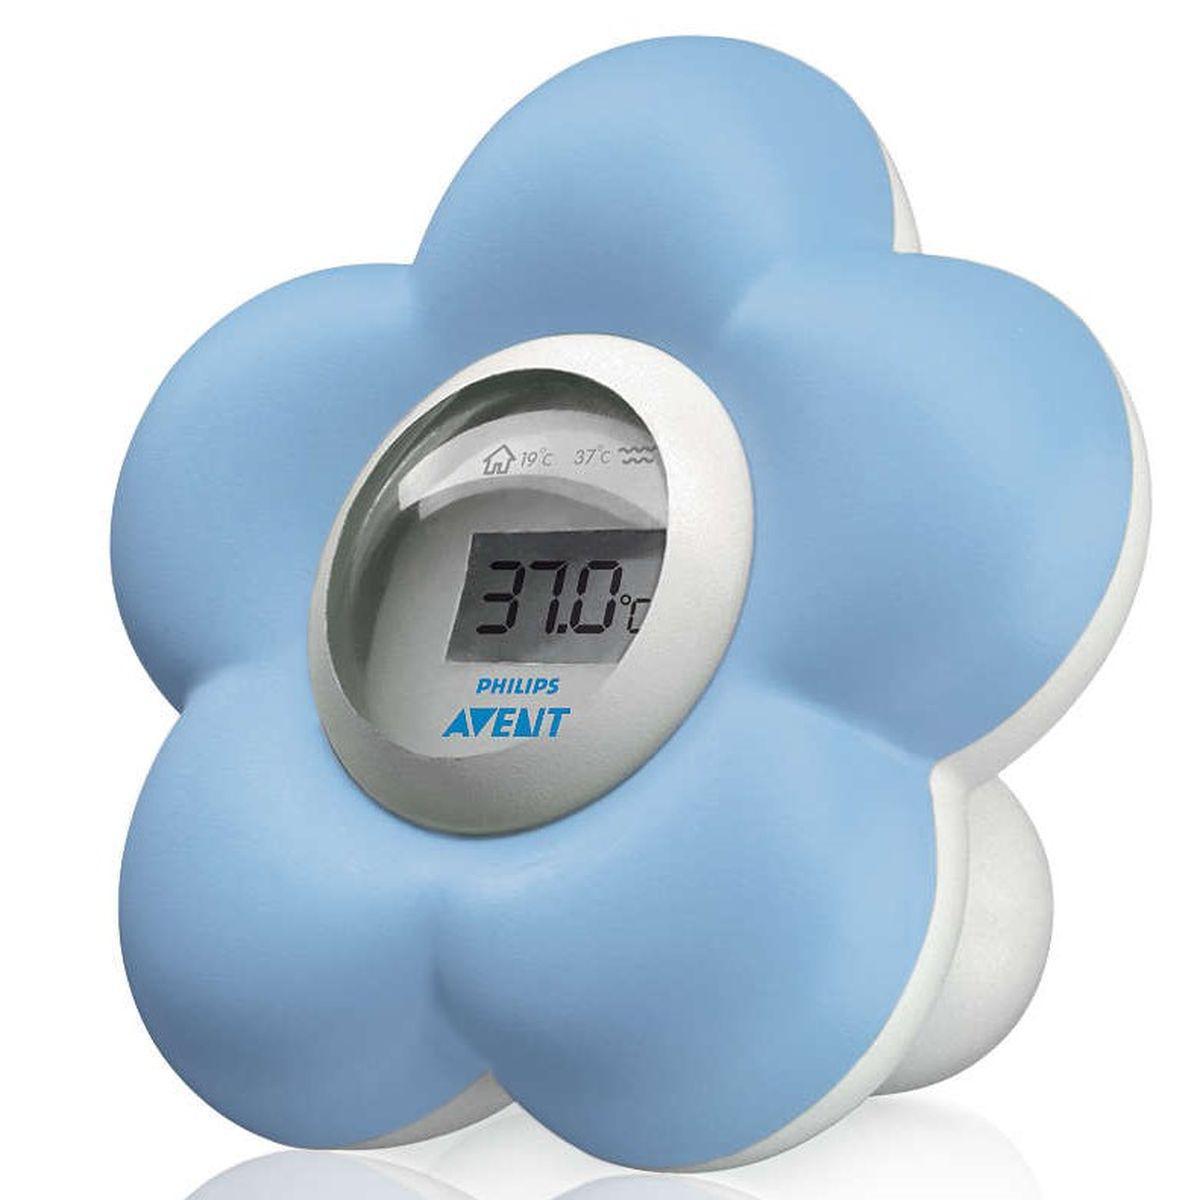 FLEUR by Avent Thermomètre de bain Bleu